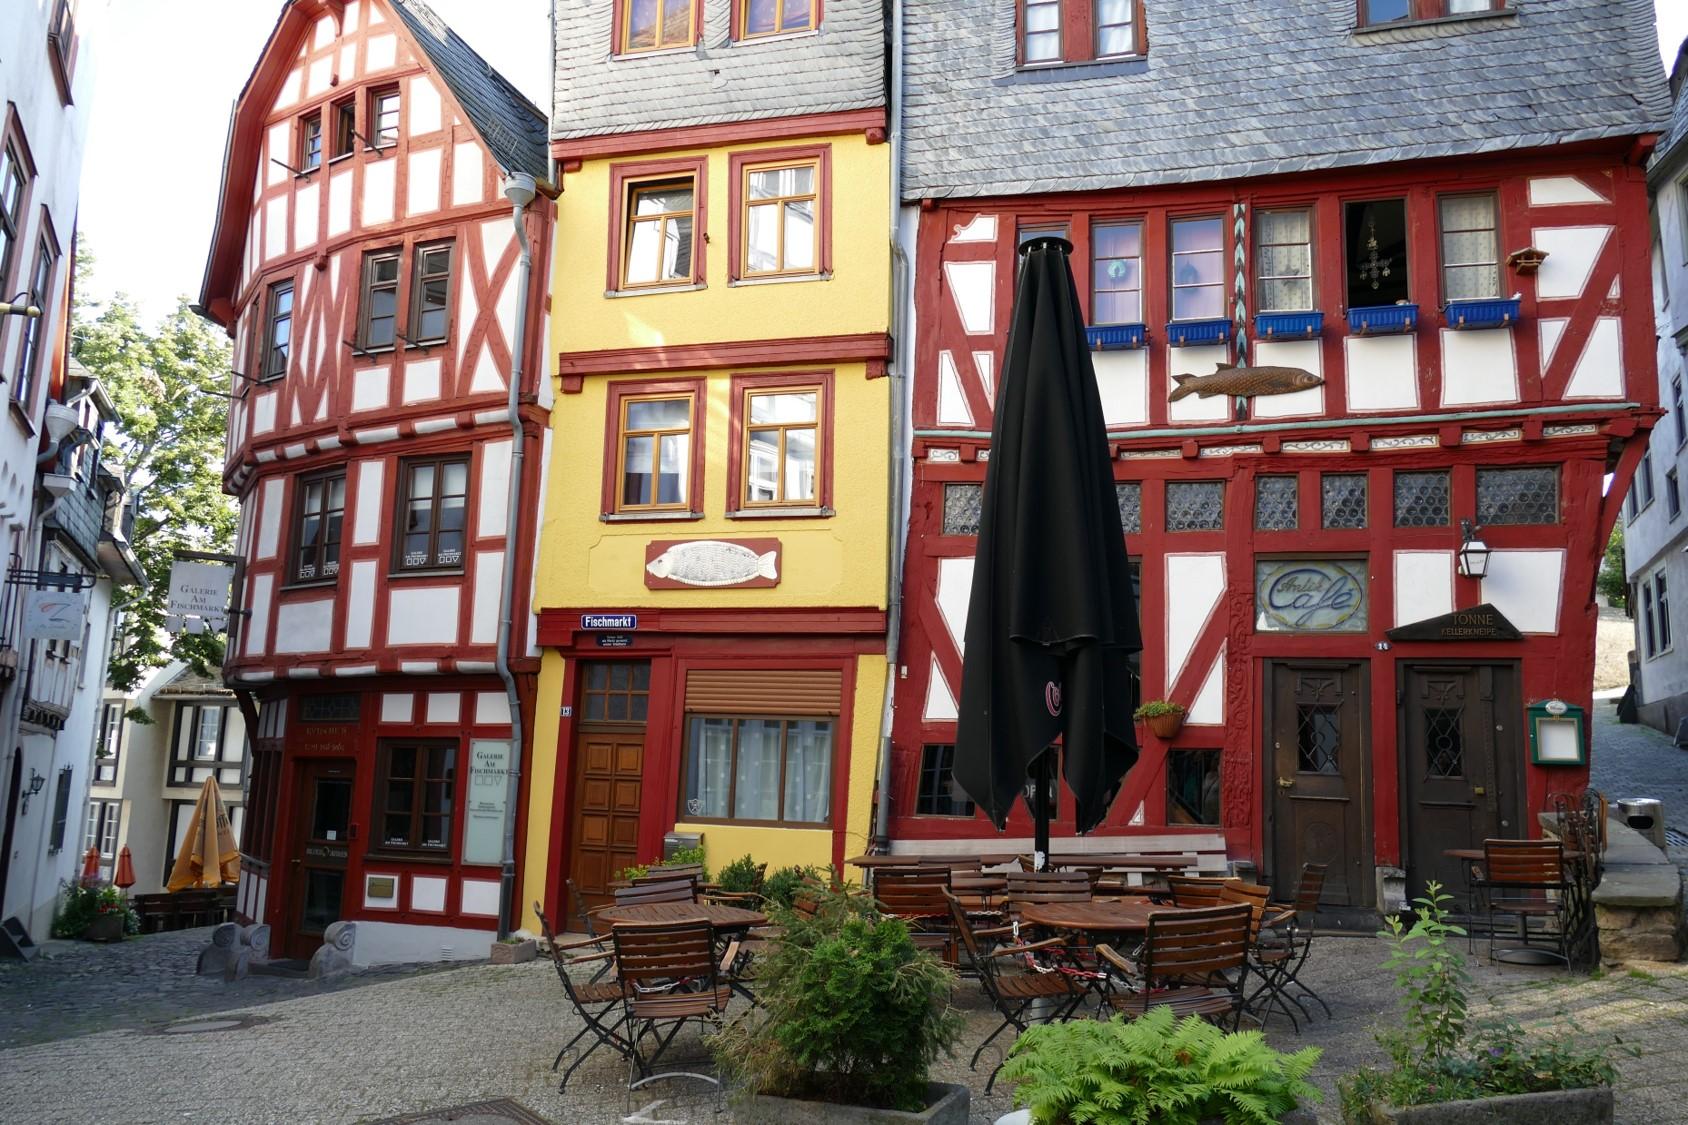 Limburgs schöne Gassen